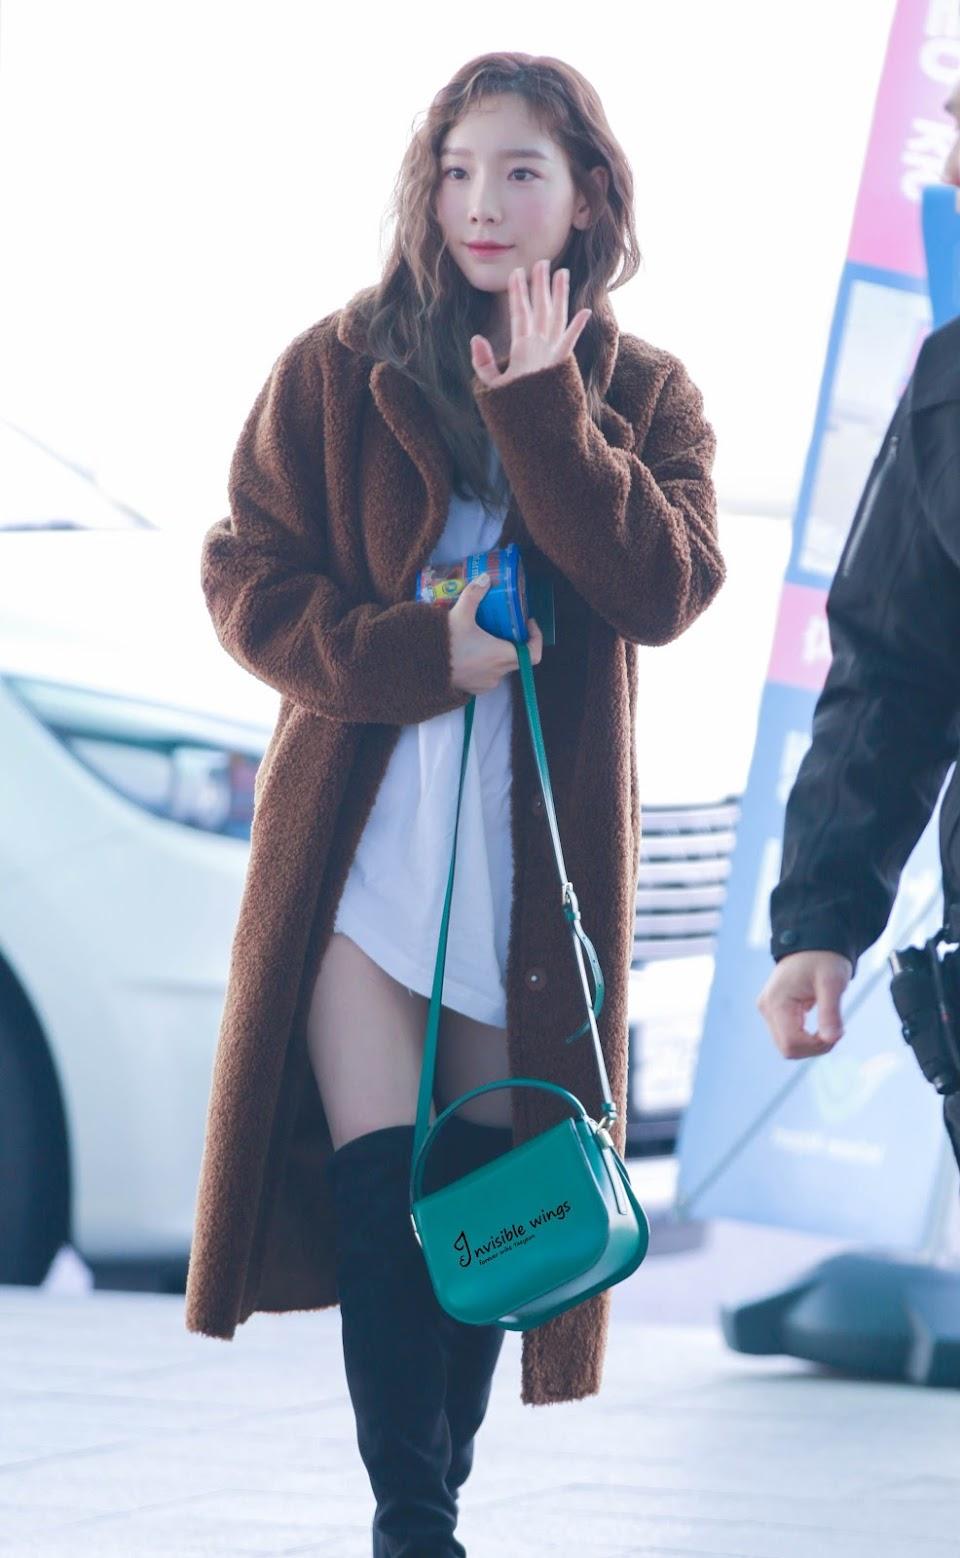 teddybearcoats_snsd_taeyeon